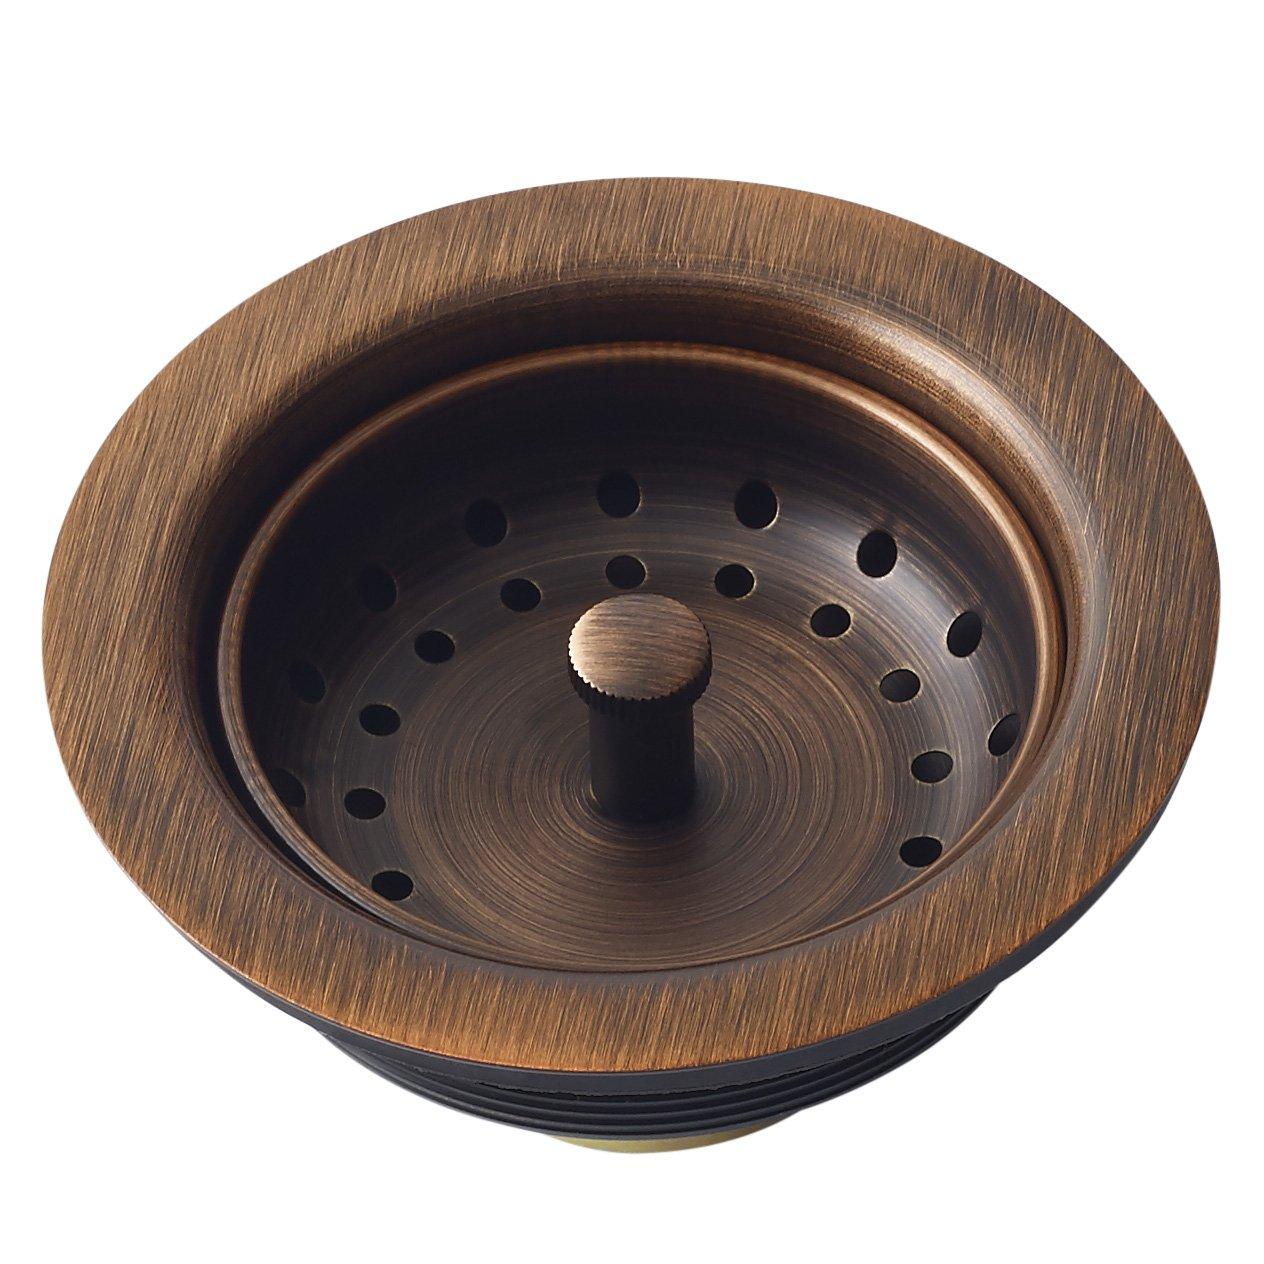 Sinkology Kitchen Sink Basket Strainer Drain TB35-01